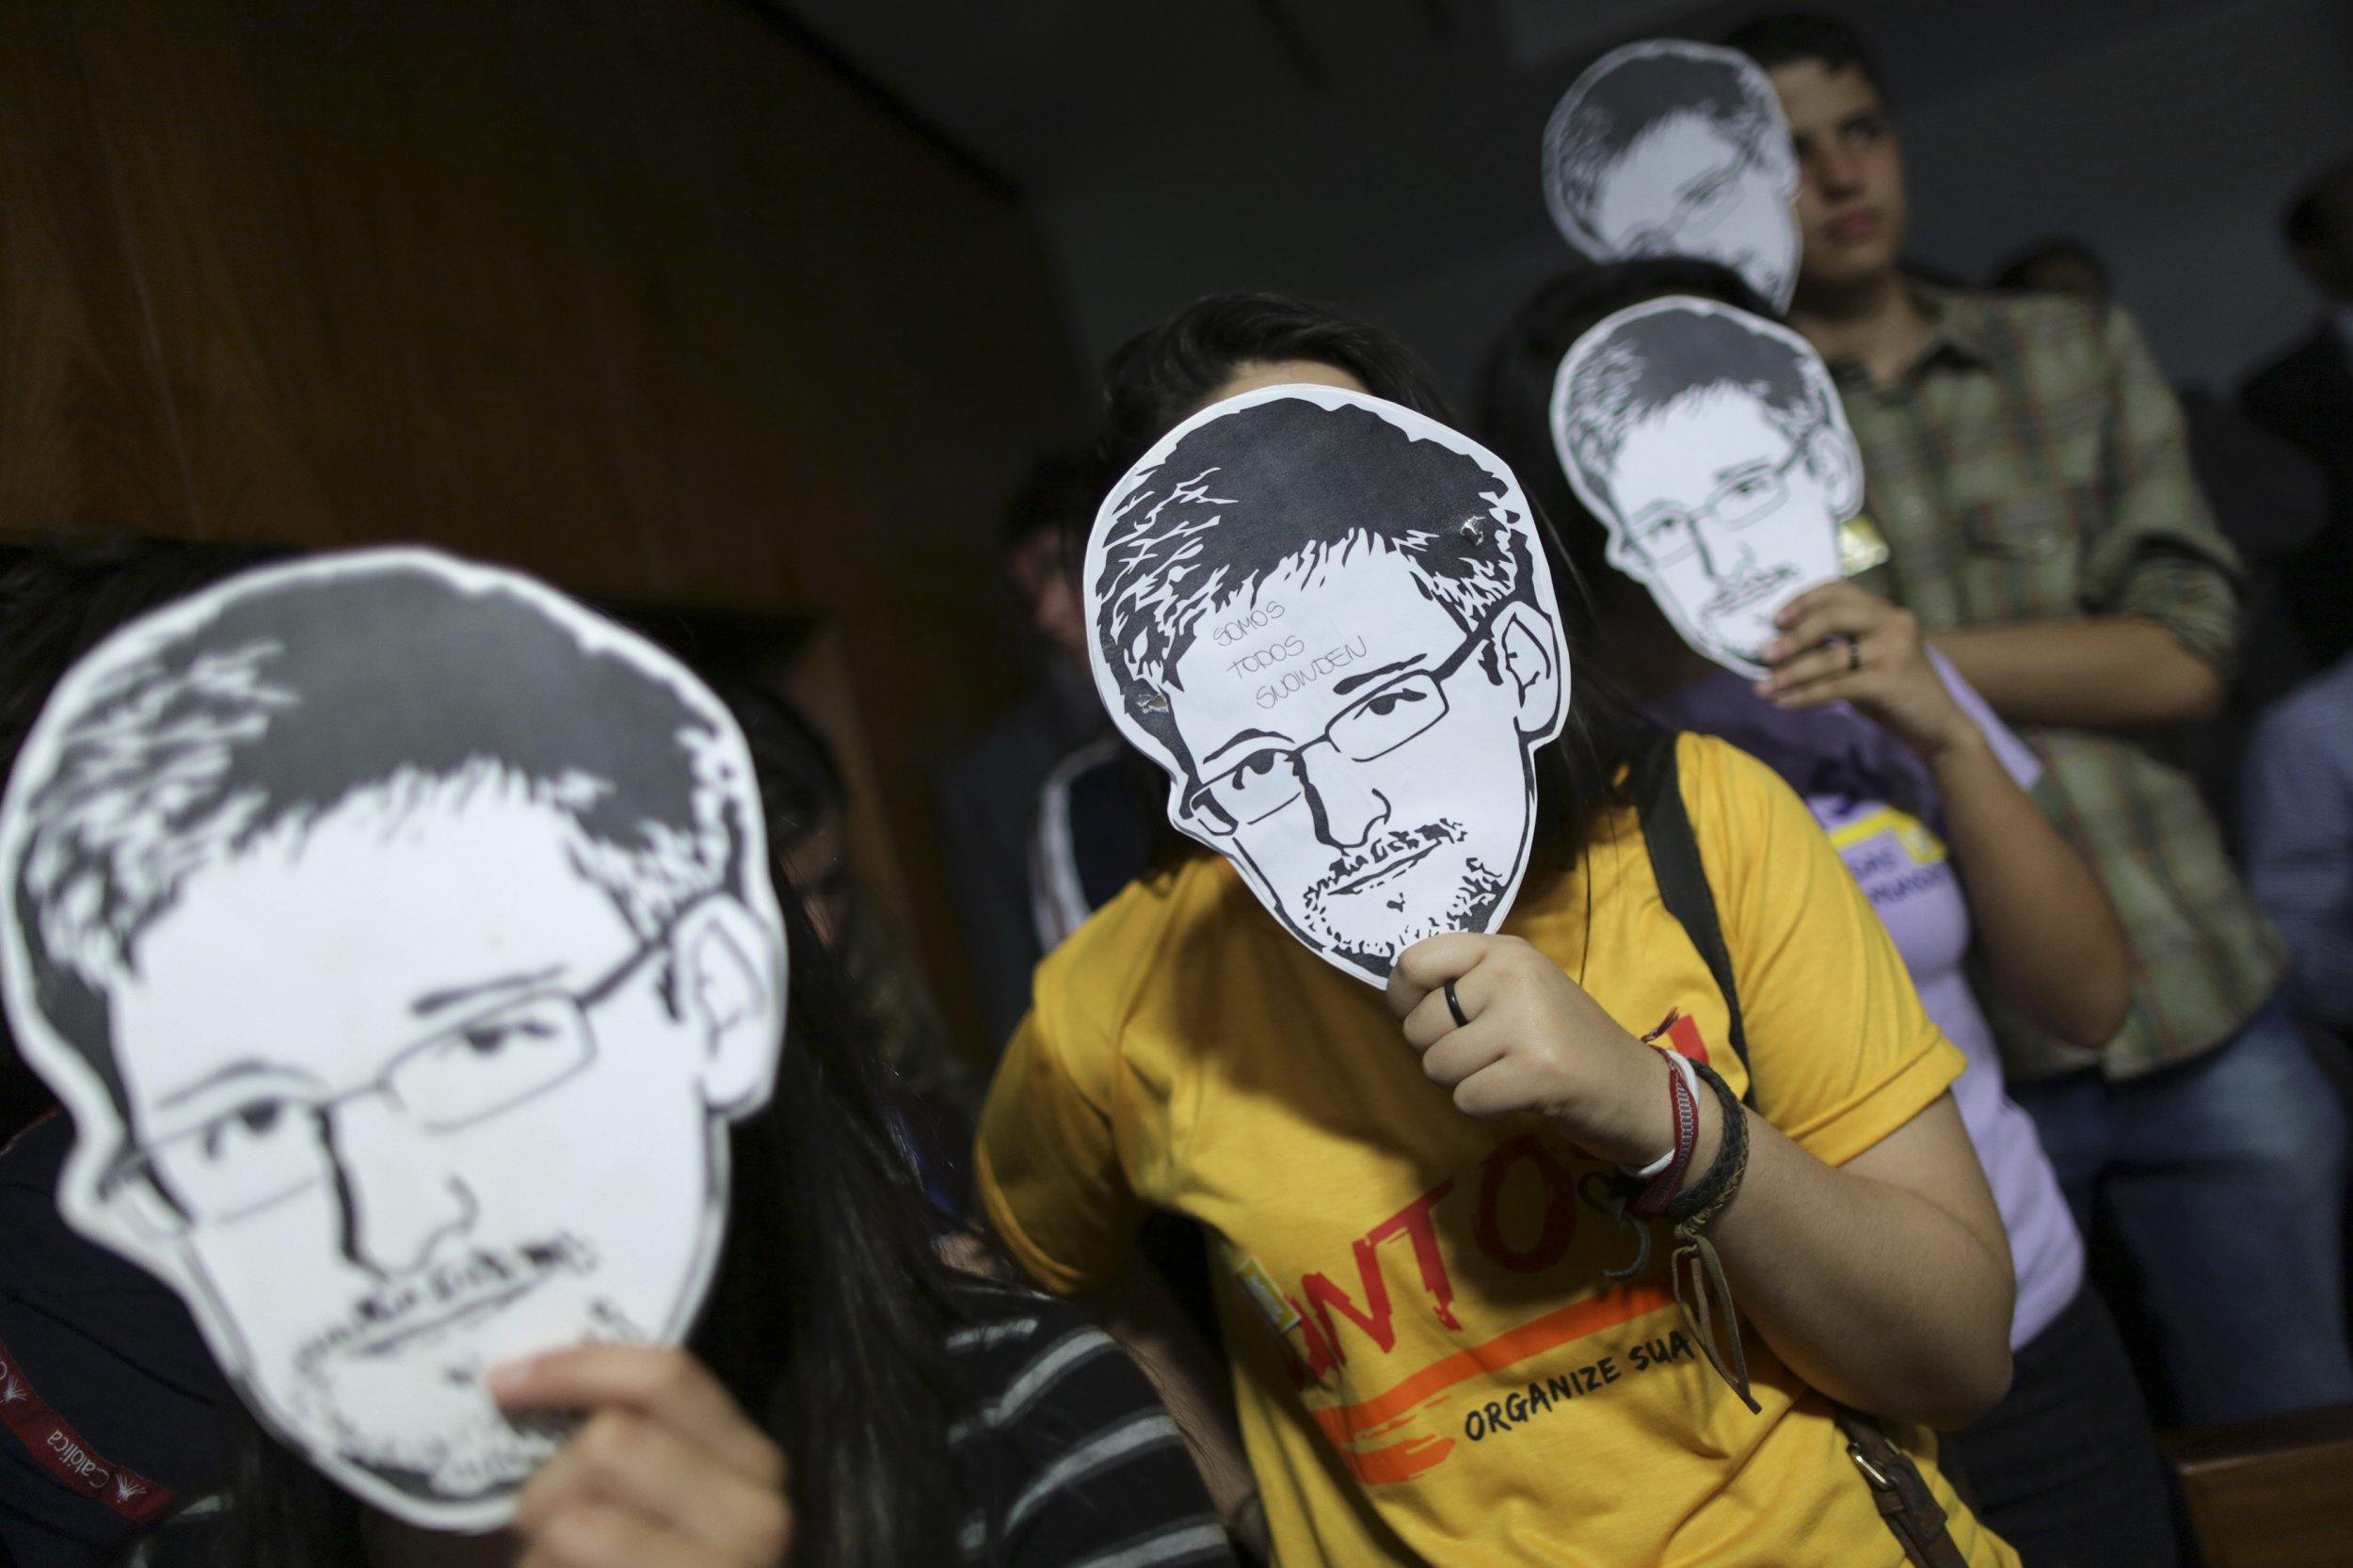 SnowdenMask